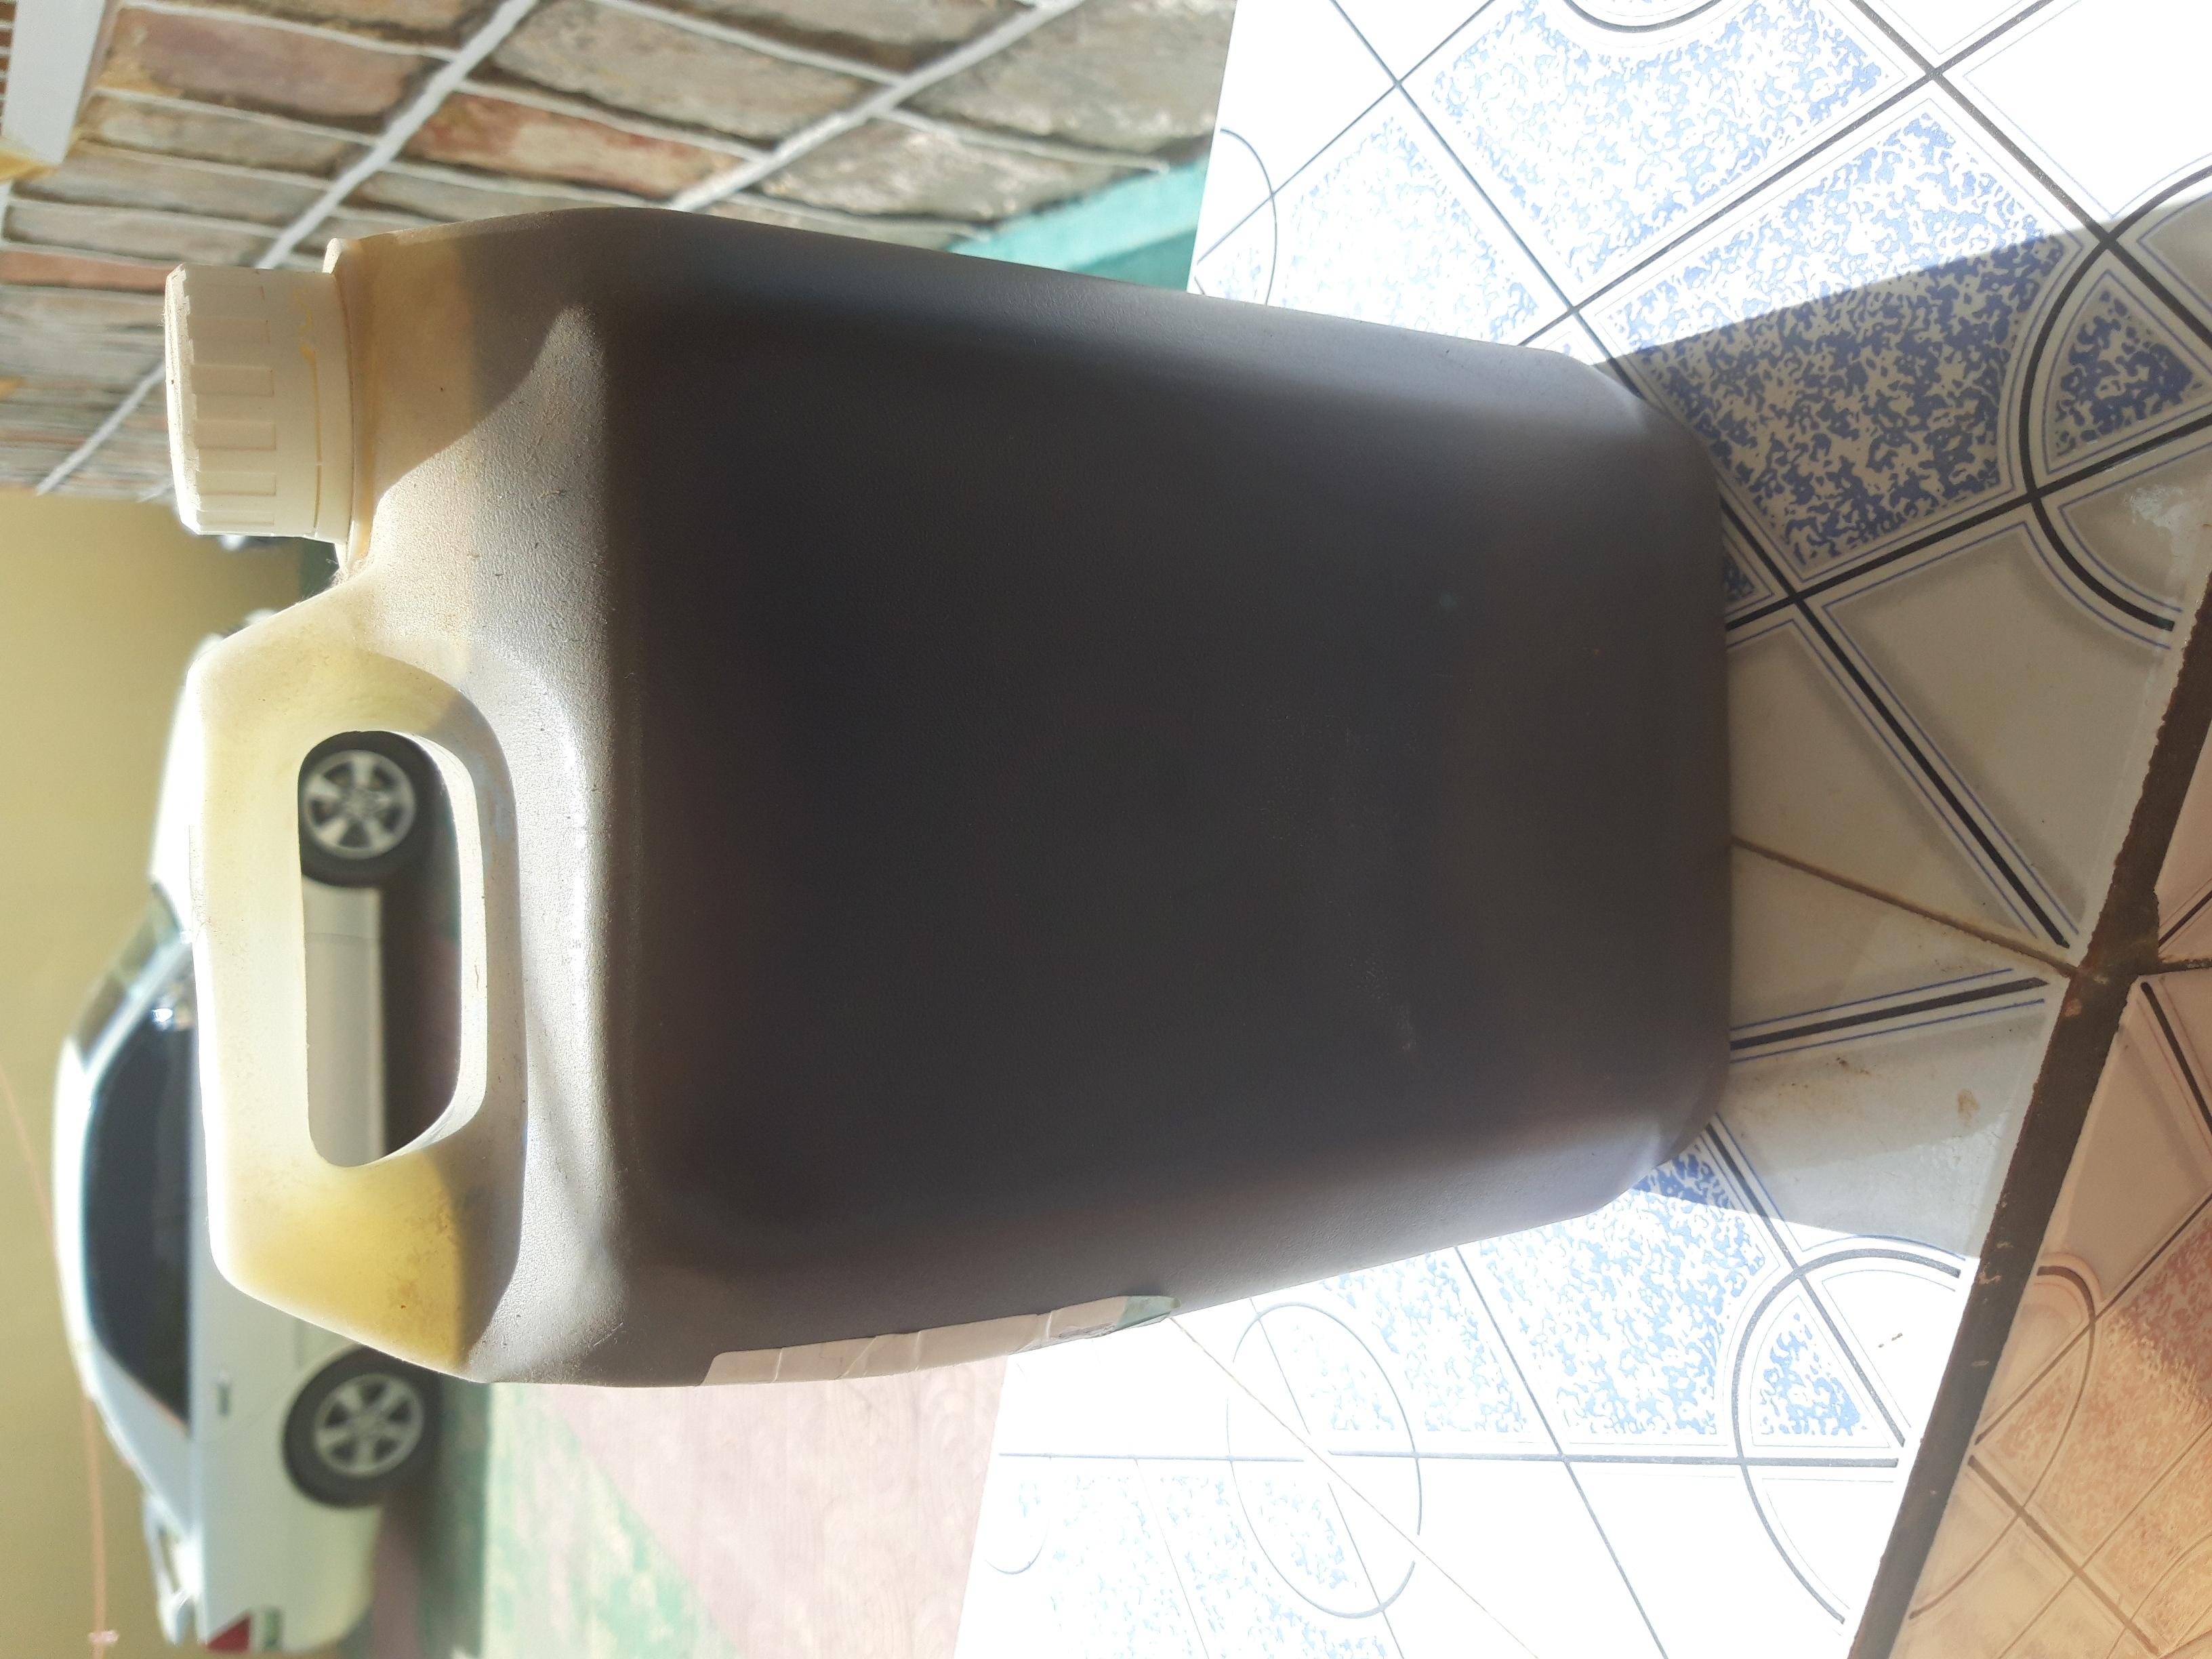 Dawada cayayaanka beeraha organic